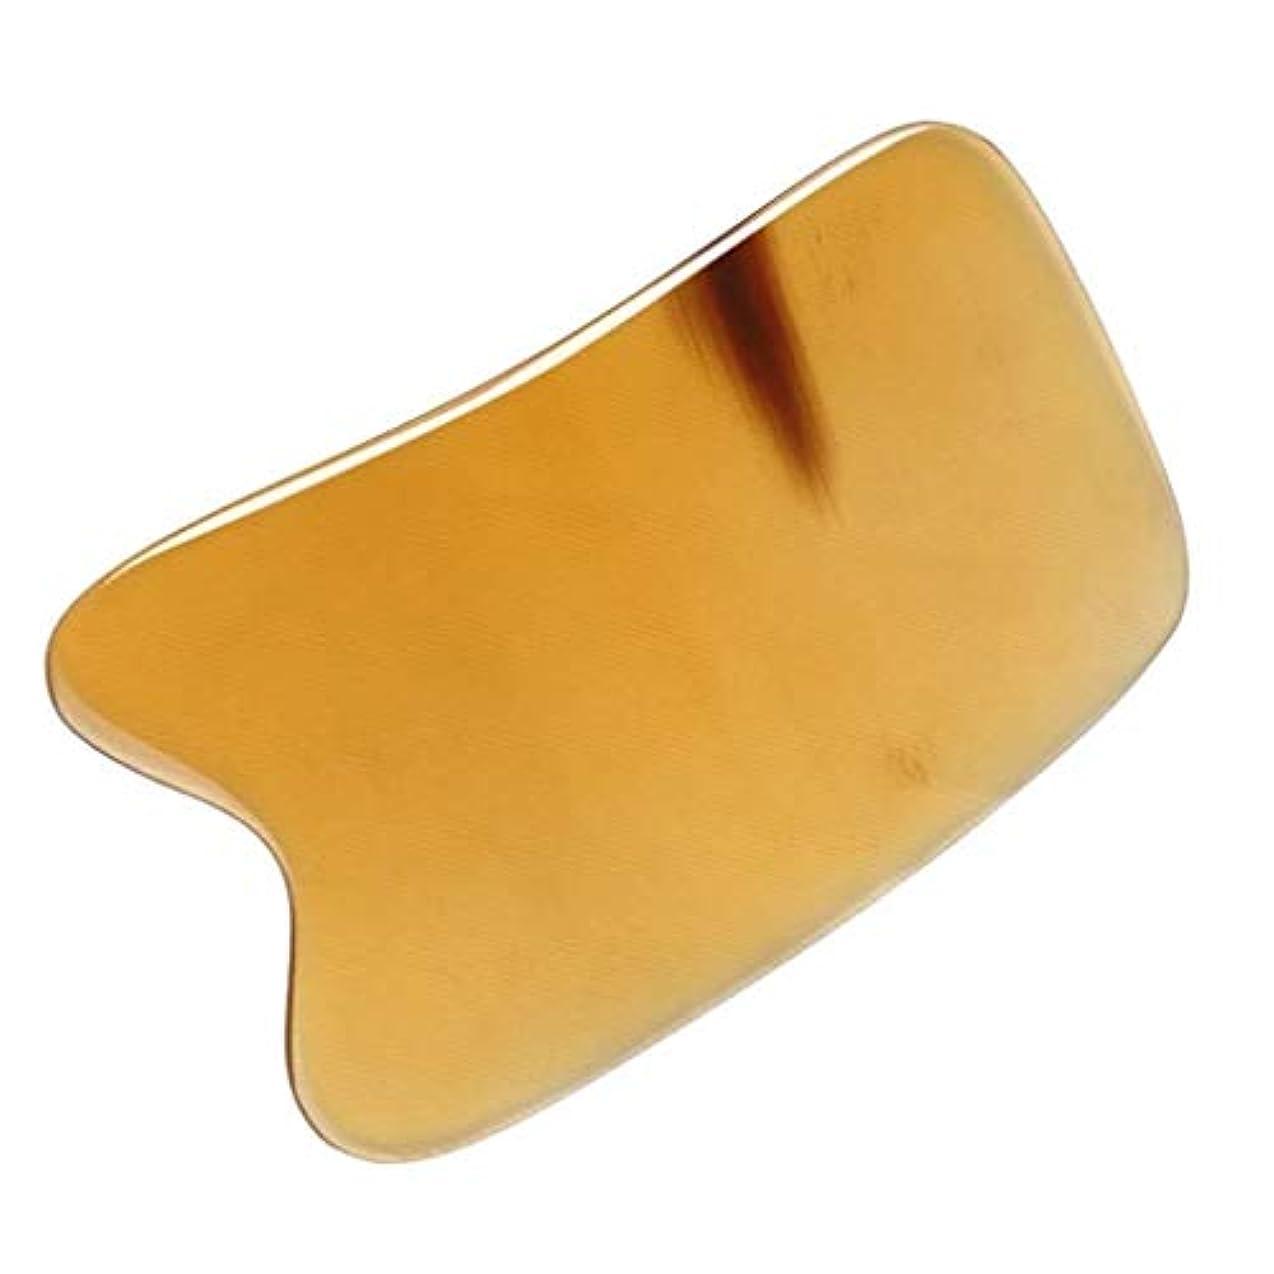 貸す無臭勝利IASTMグラストン理学療法ツール-最高品質のハンドメイドバッファローホーングアシャボード-首と筋肉の痛みを軽減 (Size : 5mm)